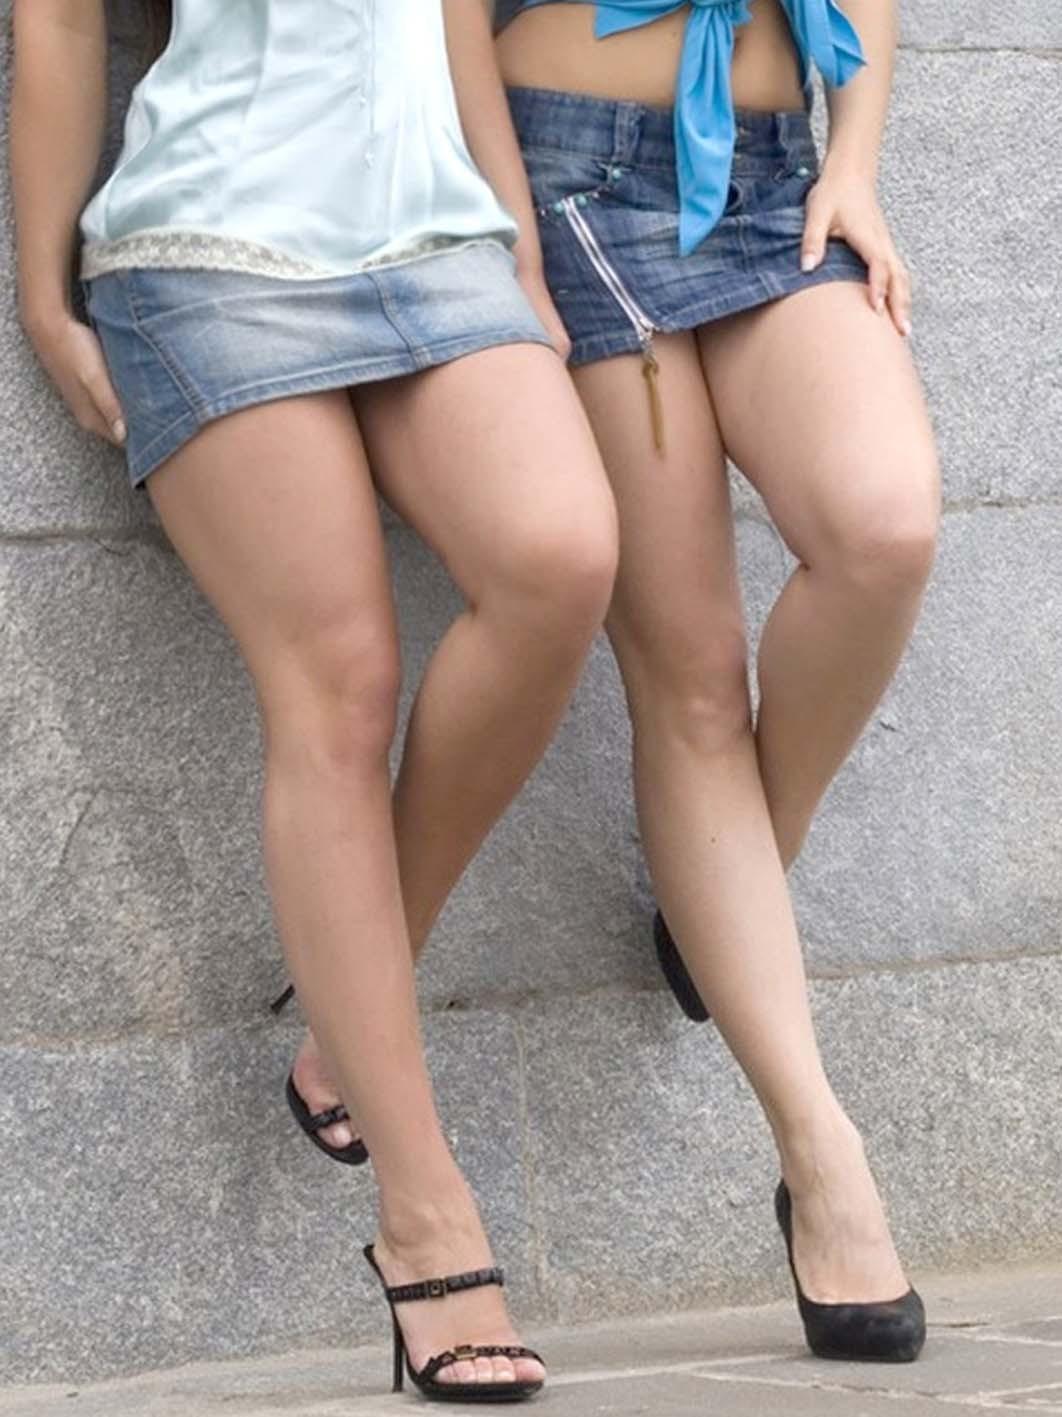 美脚が強調される街撮りデニミニ素人